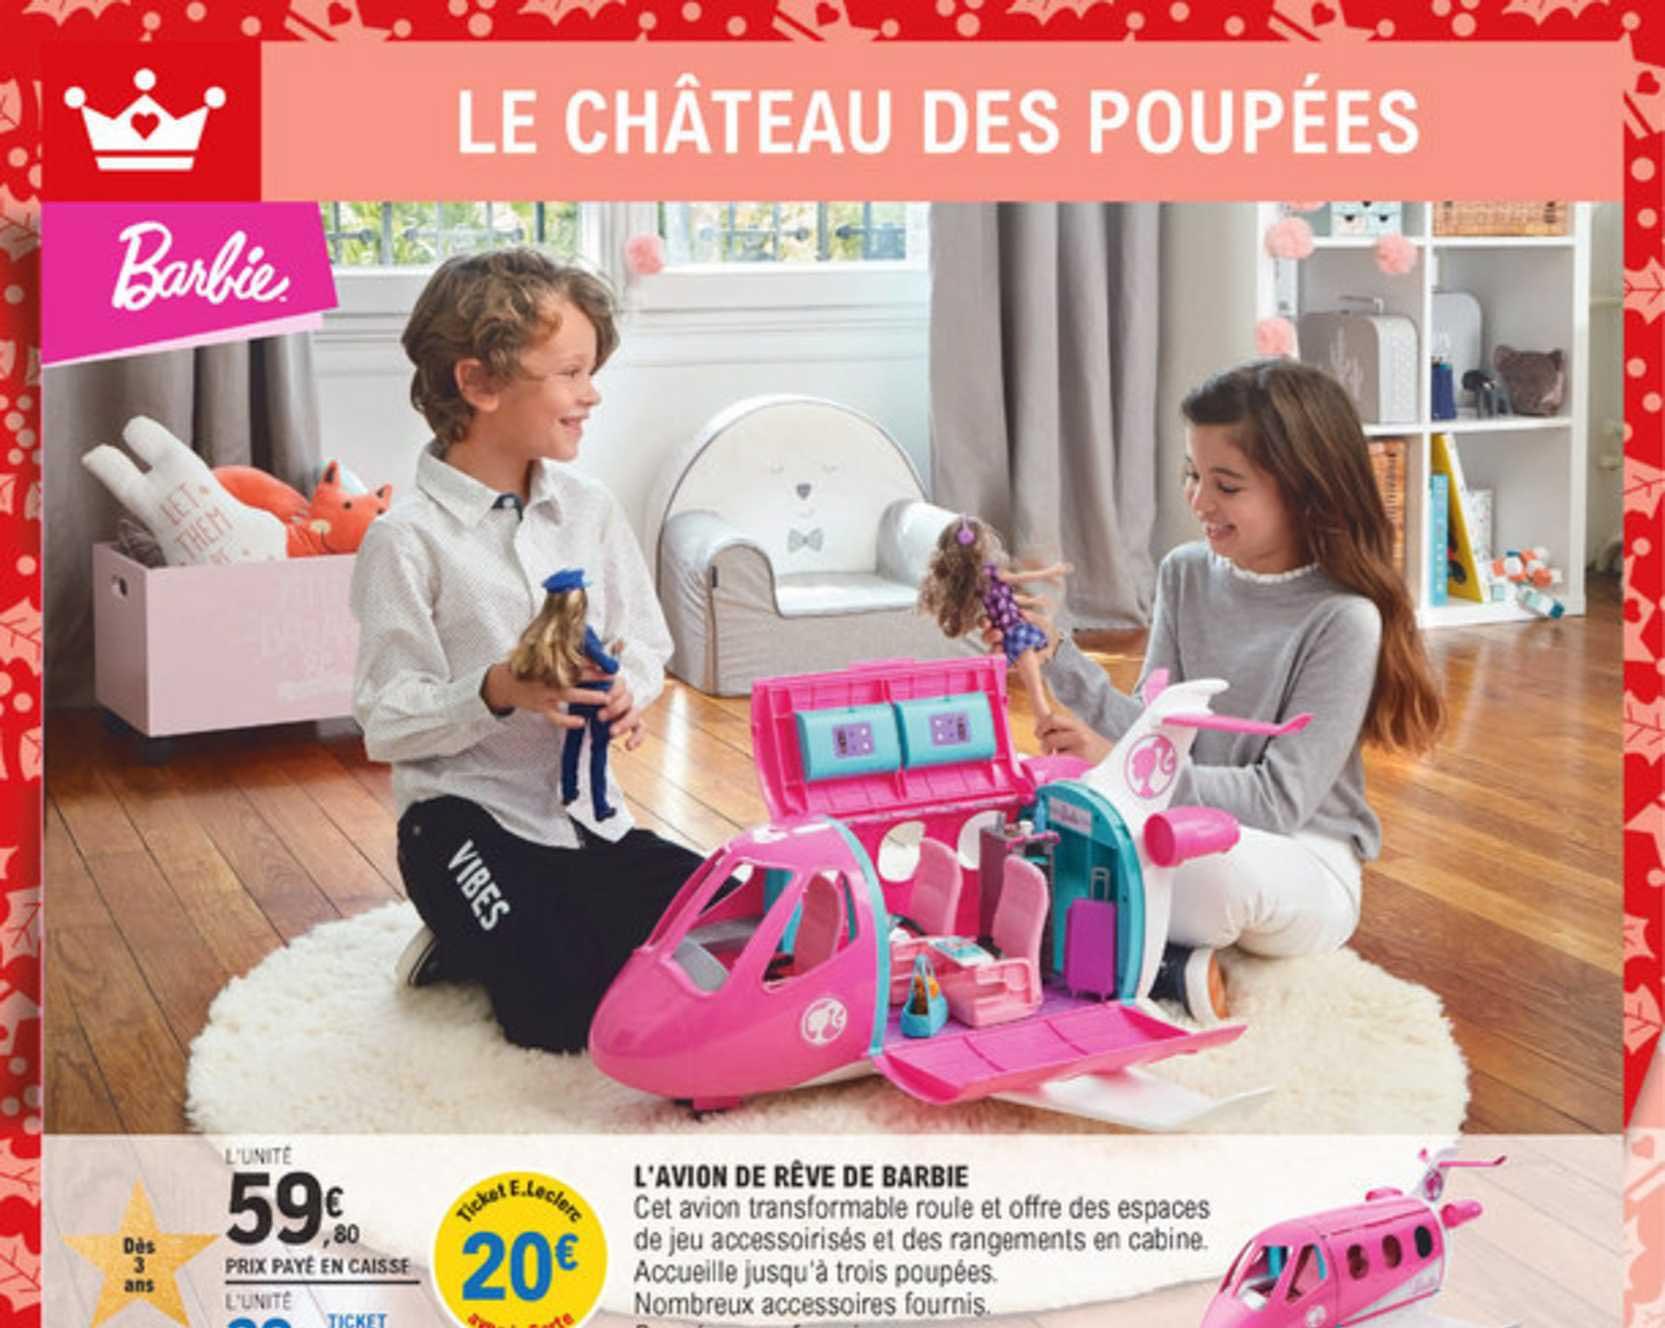 E Leclerc L'avion De Rêve De Barbie